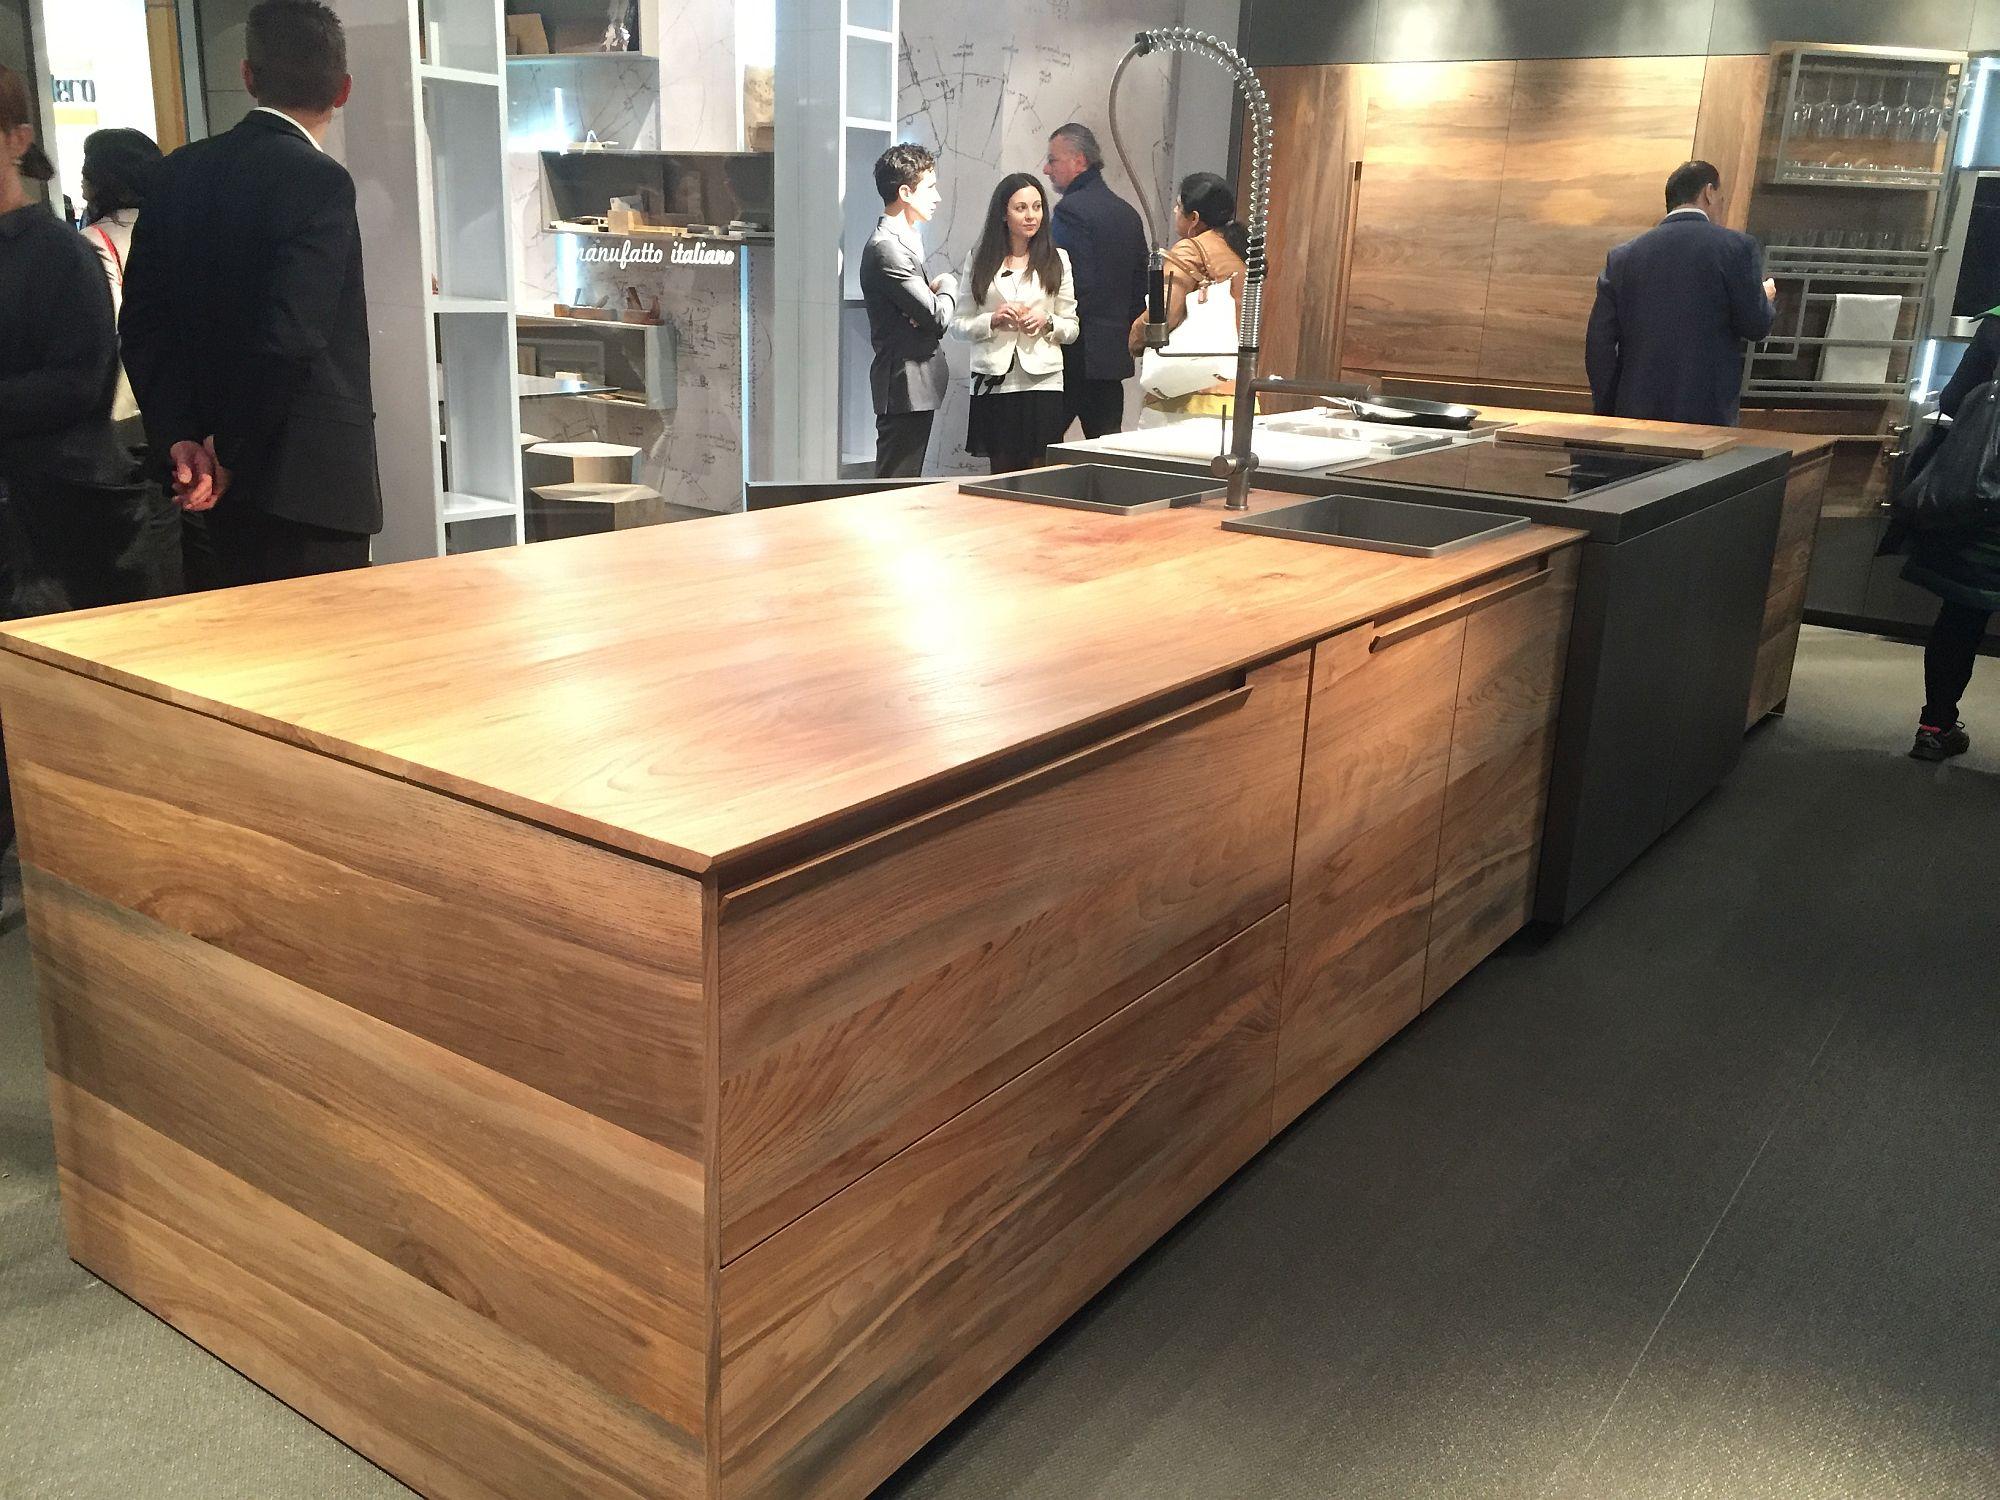 Efficient kitchen island design with wooden sheen